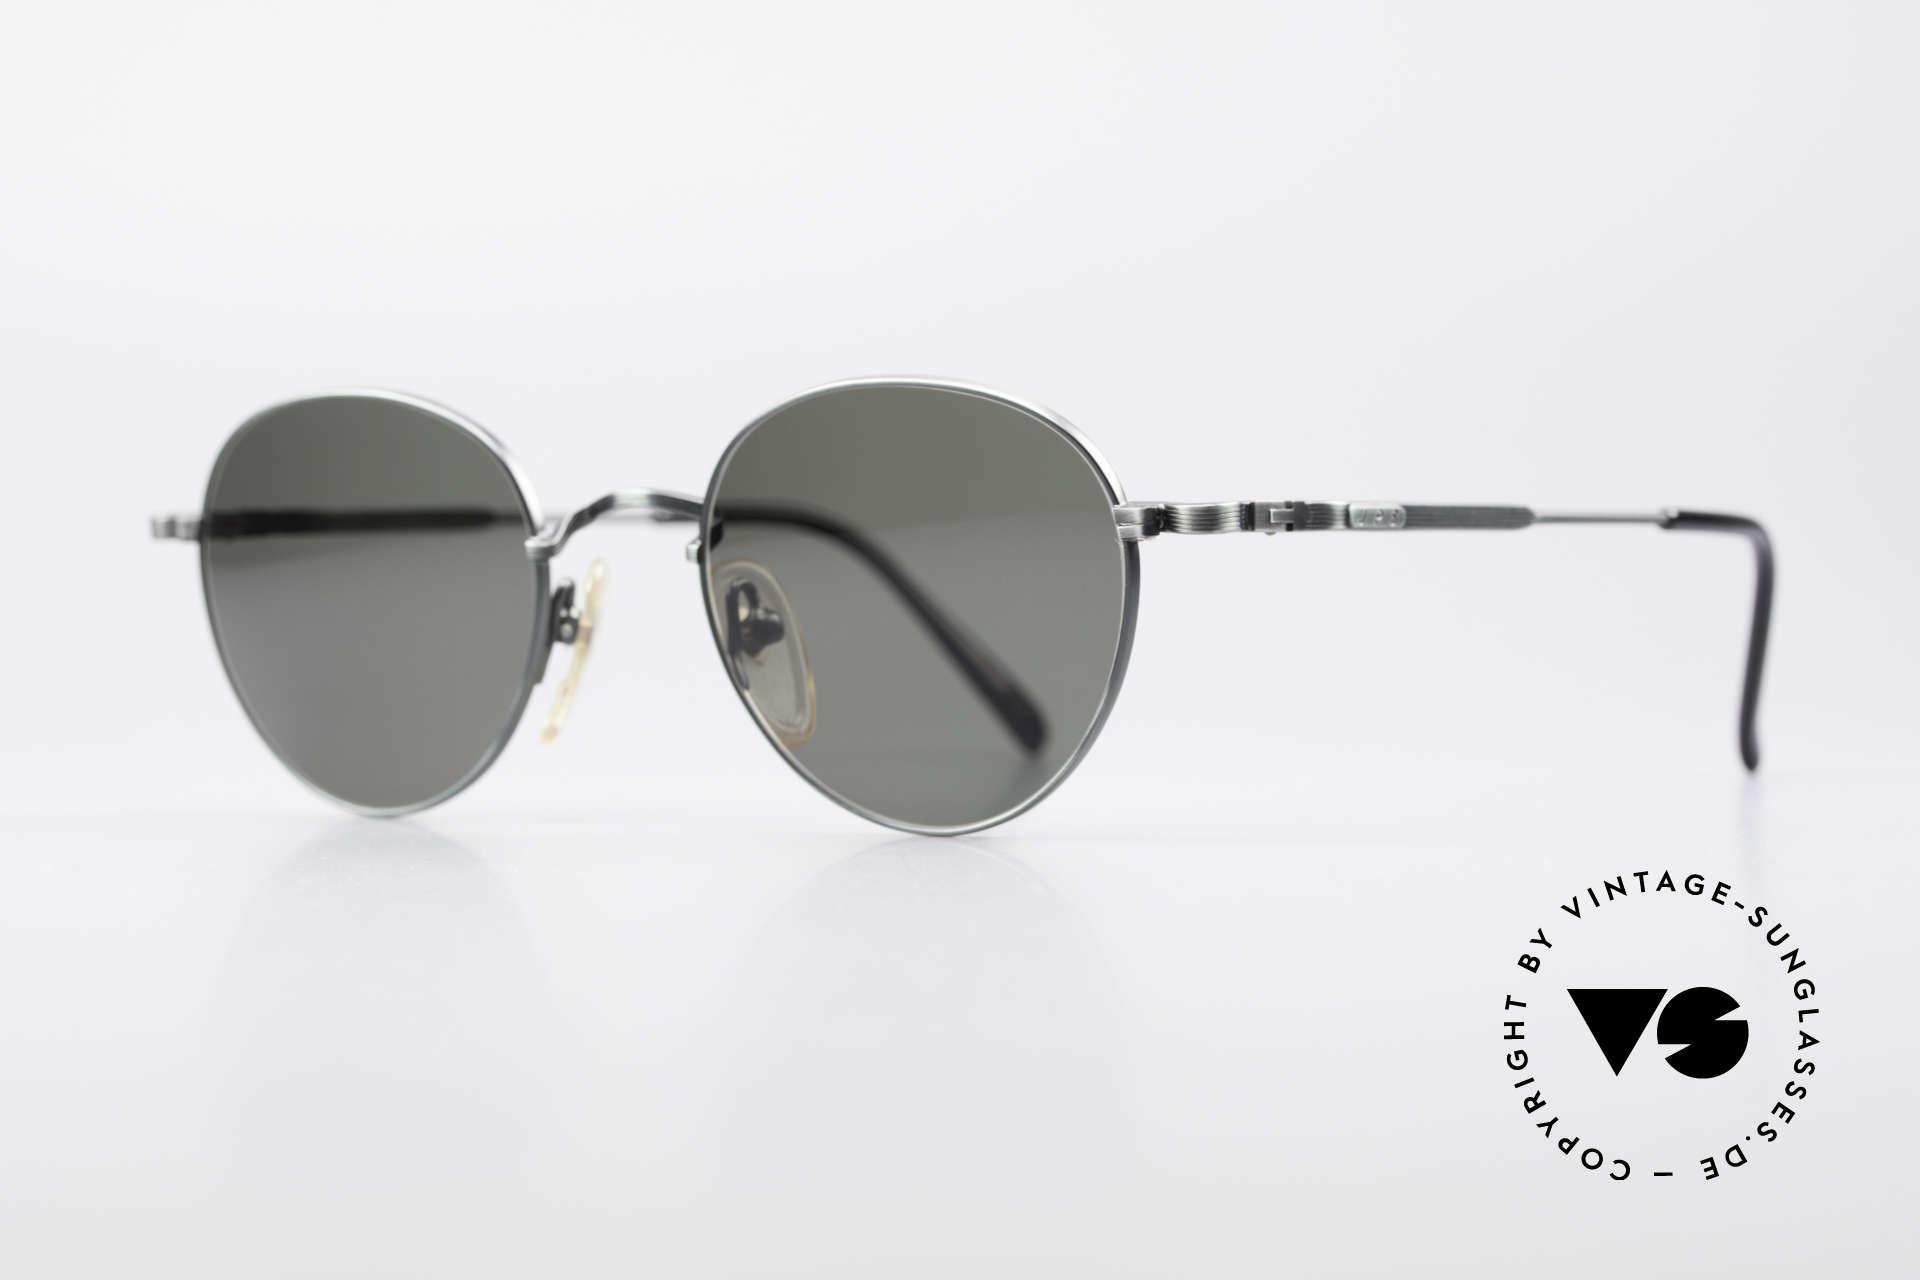 Jean Paul Gaultier 55-1174 Runde Designer Sonnenbrille, tannengrüne Fassung mit dunkelgrünen Sonnengläsern, Passend für Herren und Damen